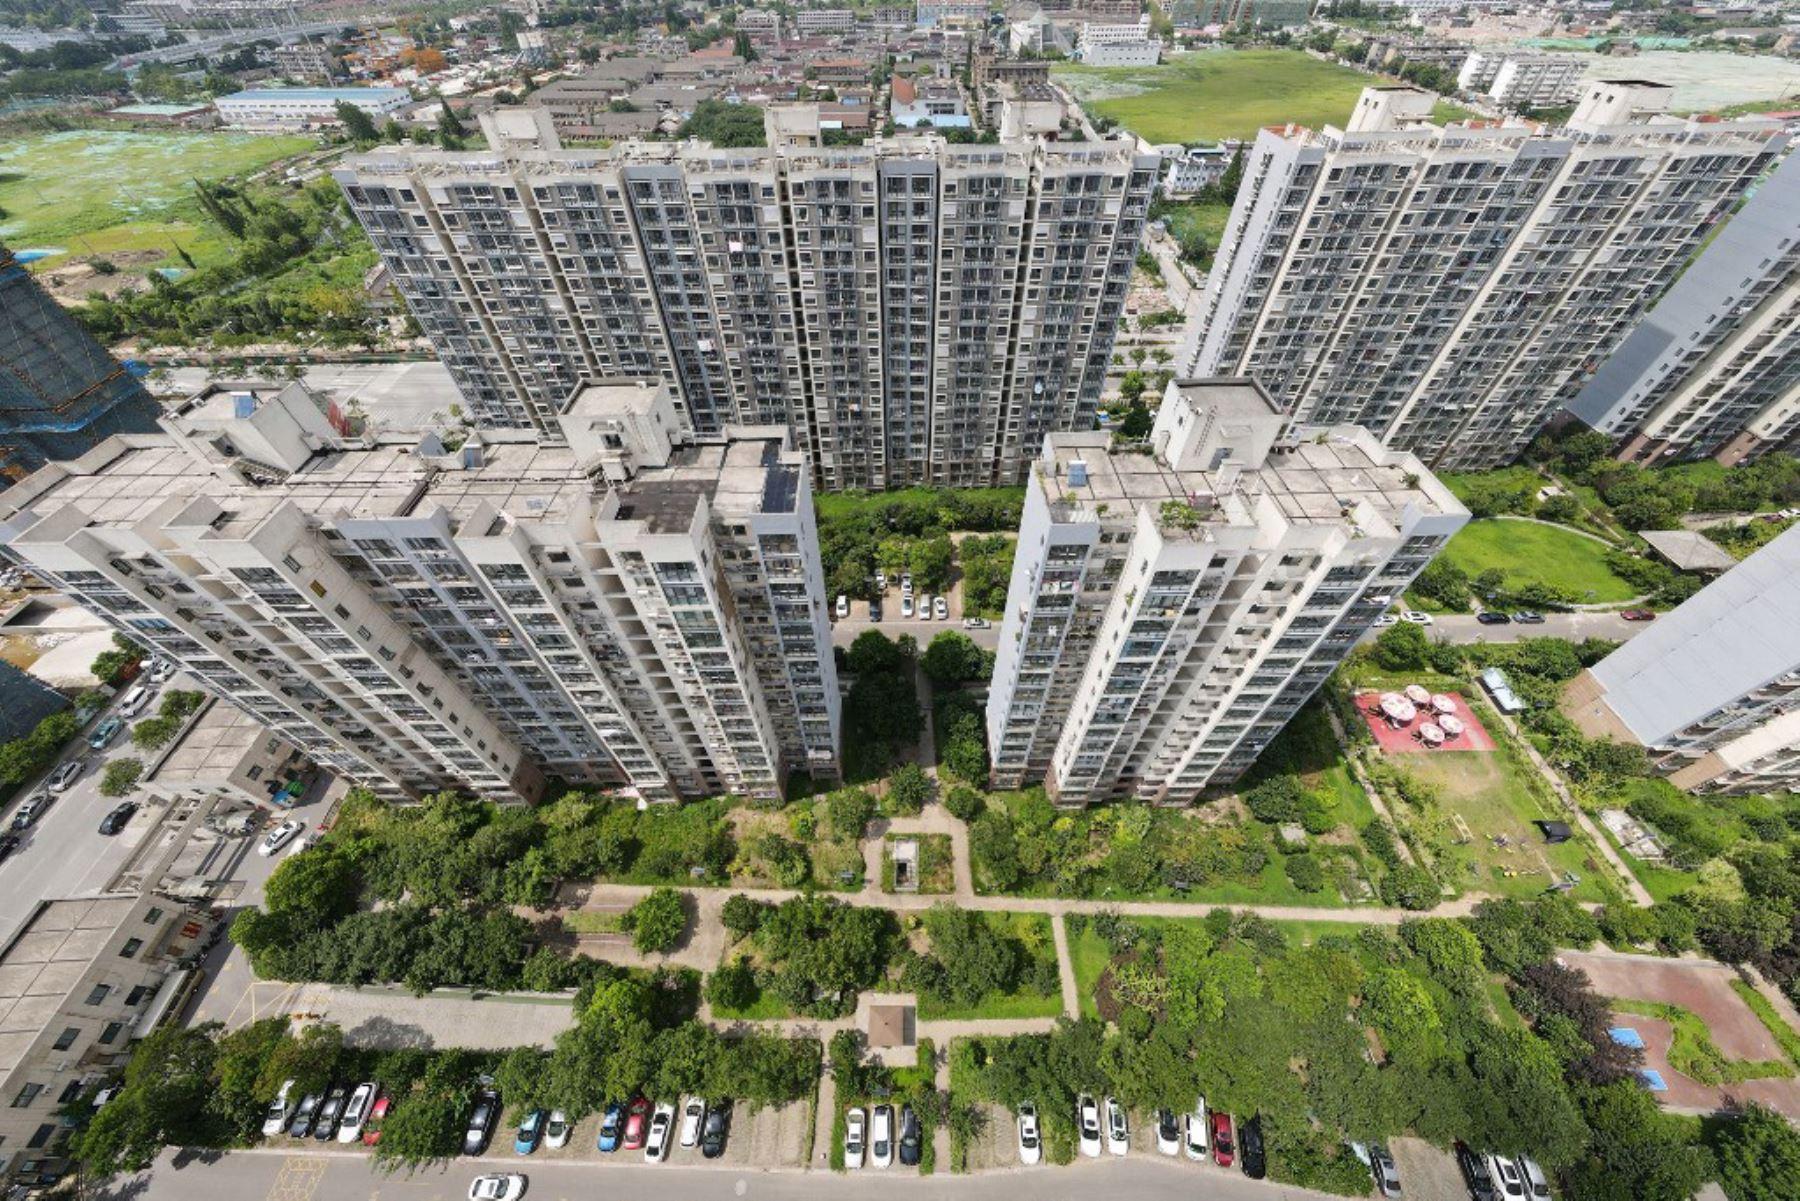 Área residencial restringida debido al coronavirus Covid-19 en Yangzhou, en la provincia oriental de Jiangsu de China  Foto:AFP